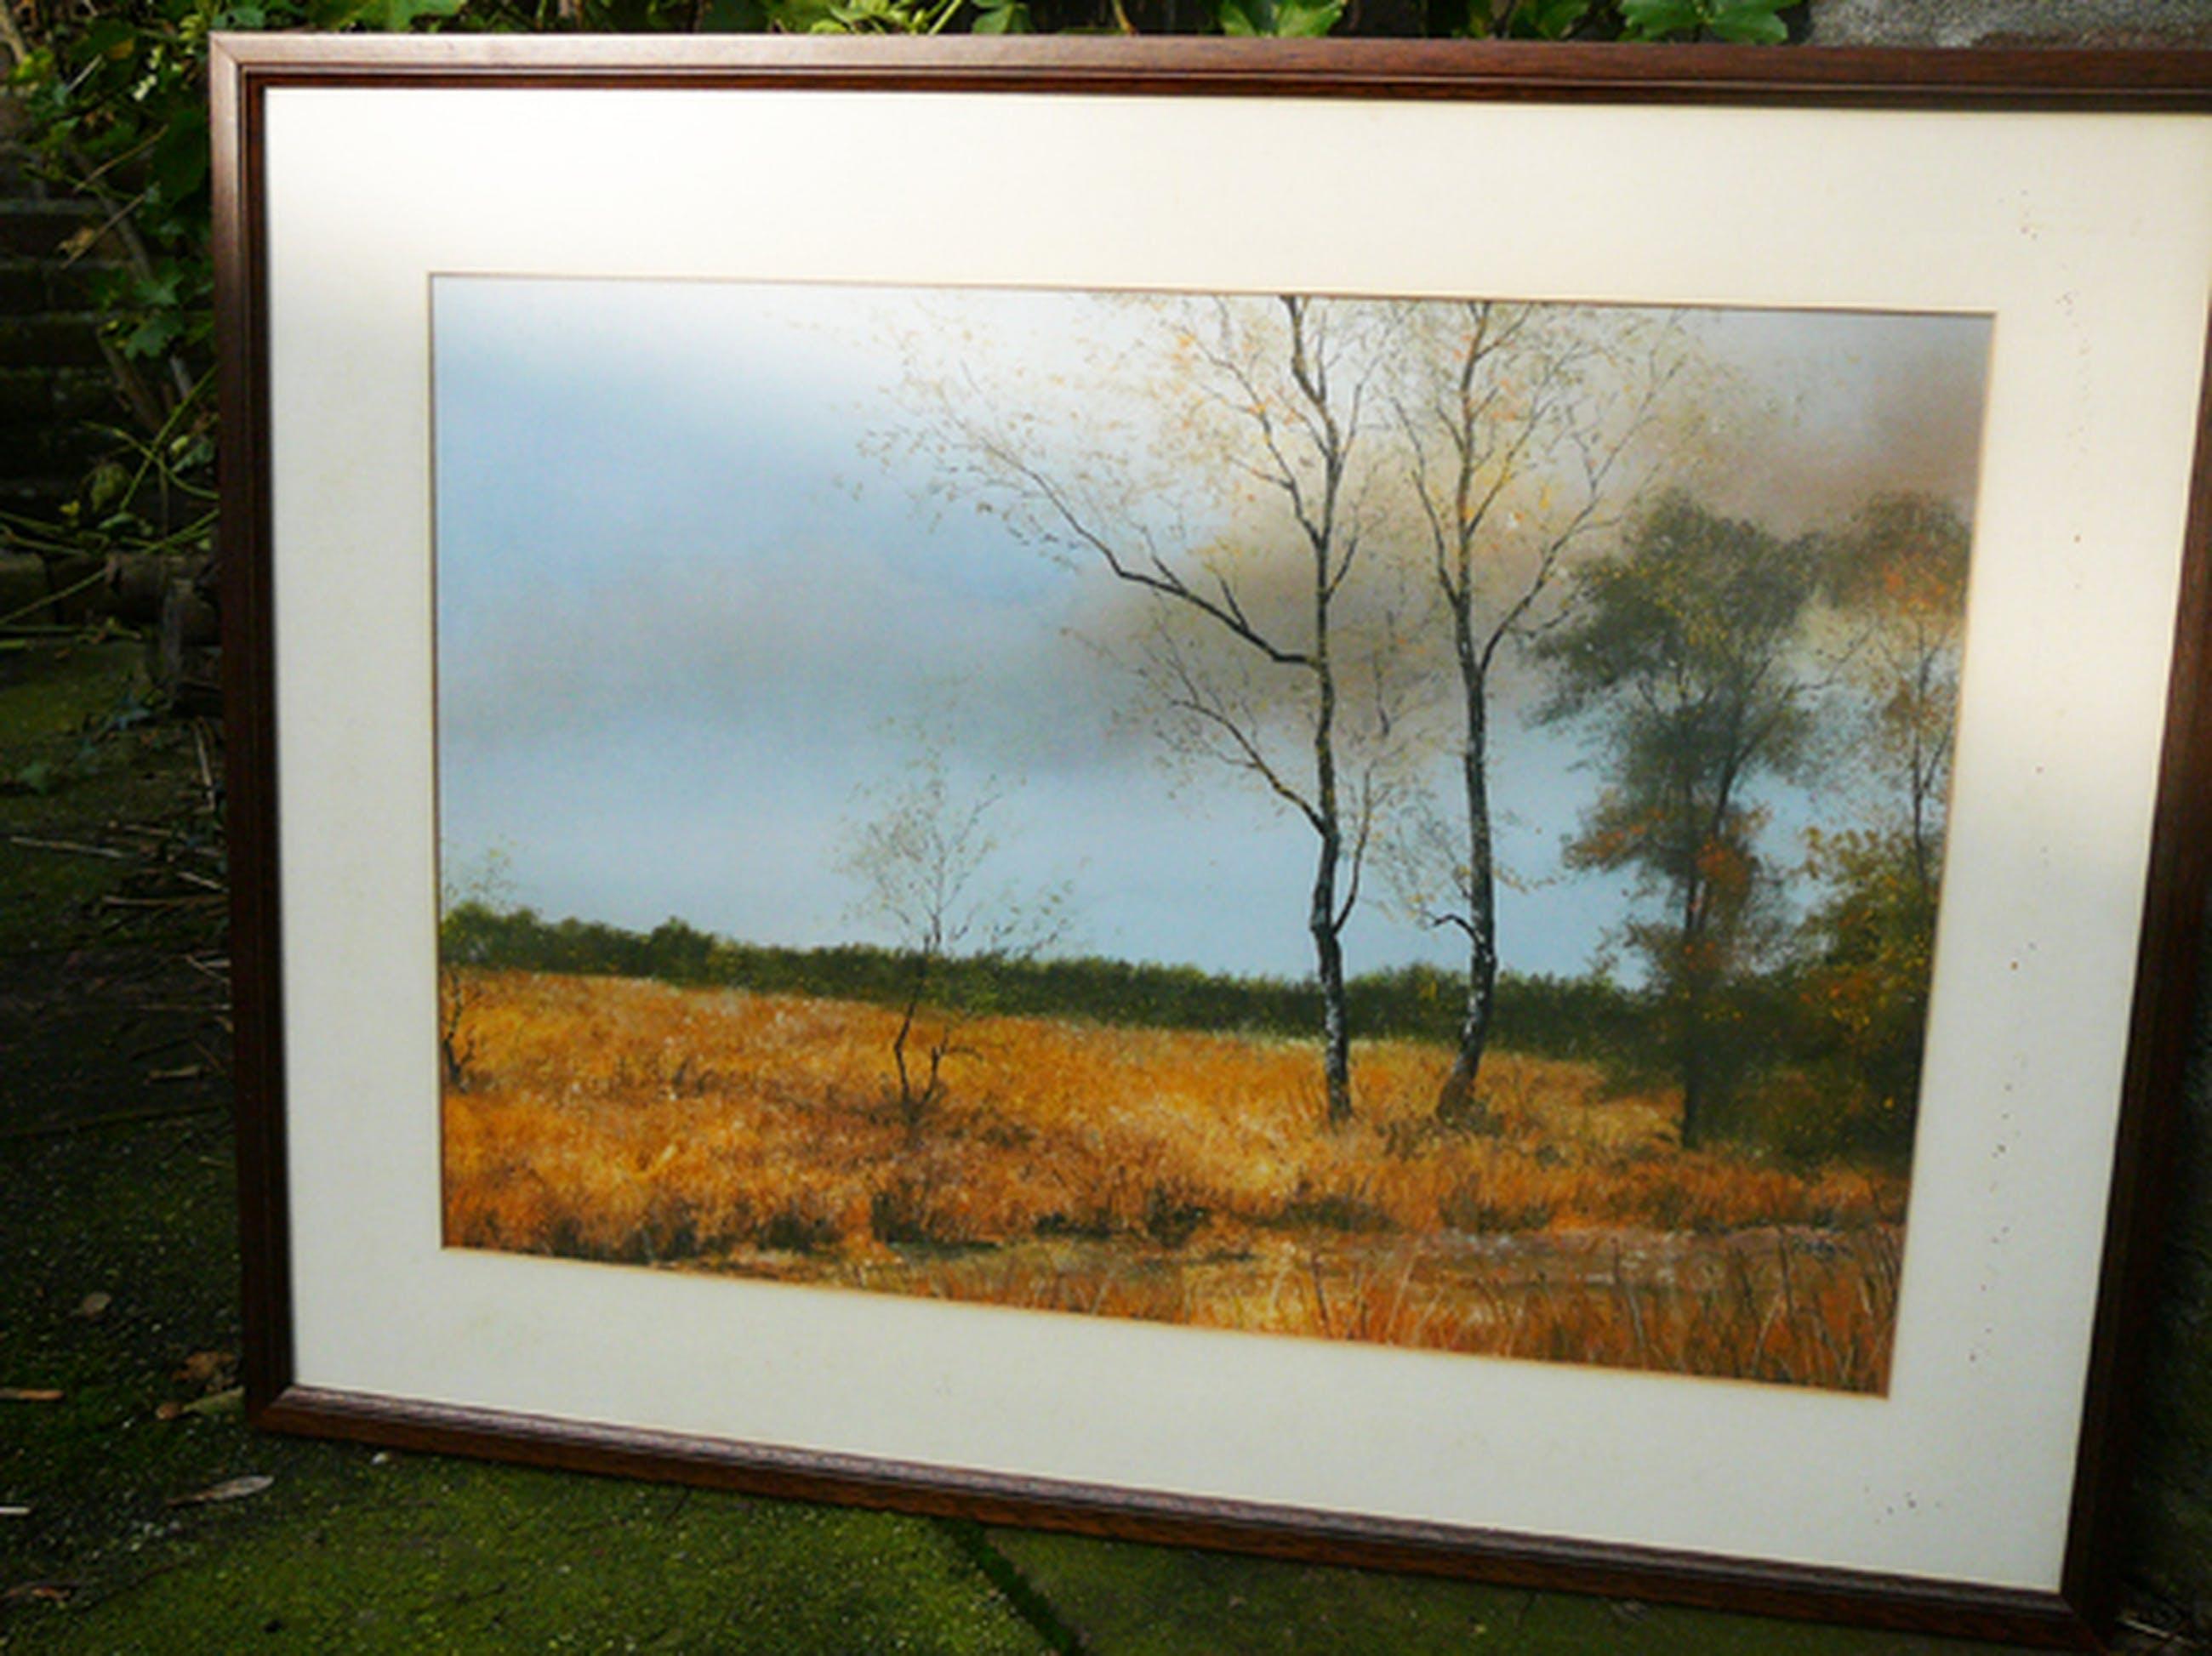 Frans Romeijnsen: Cartierheide -aquarel/pastel- kopen? Bied vanaf 45!